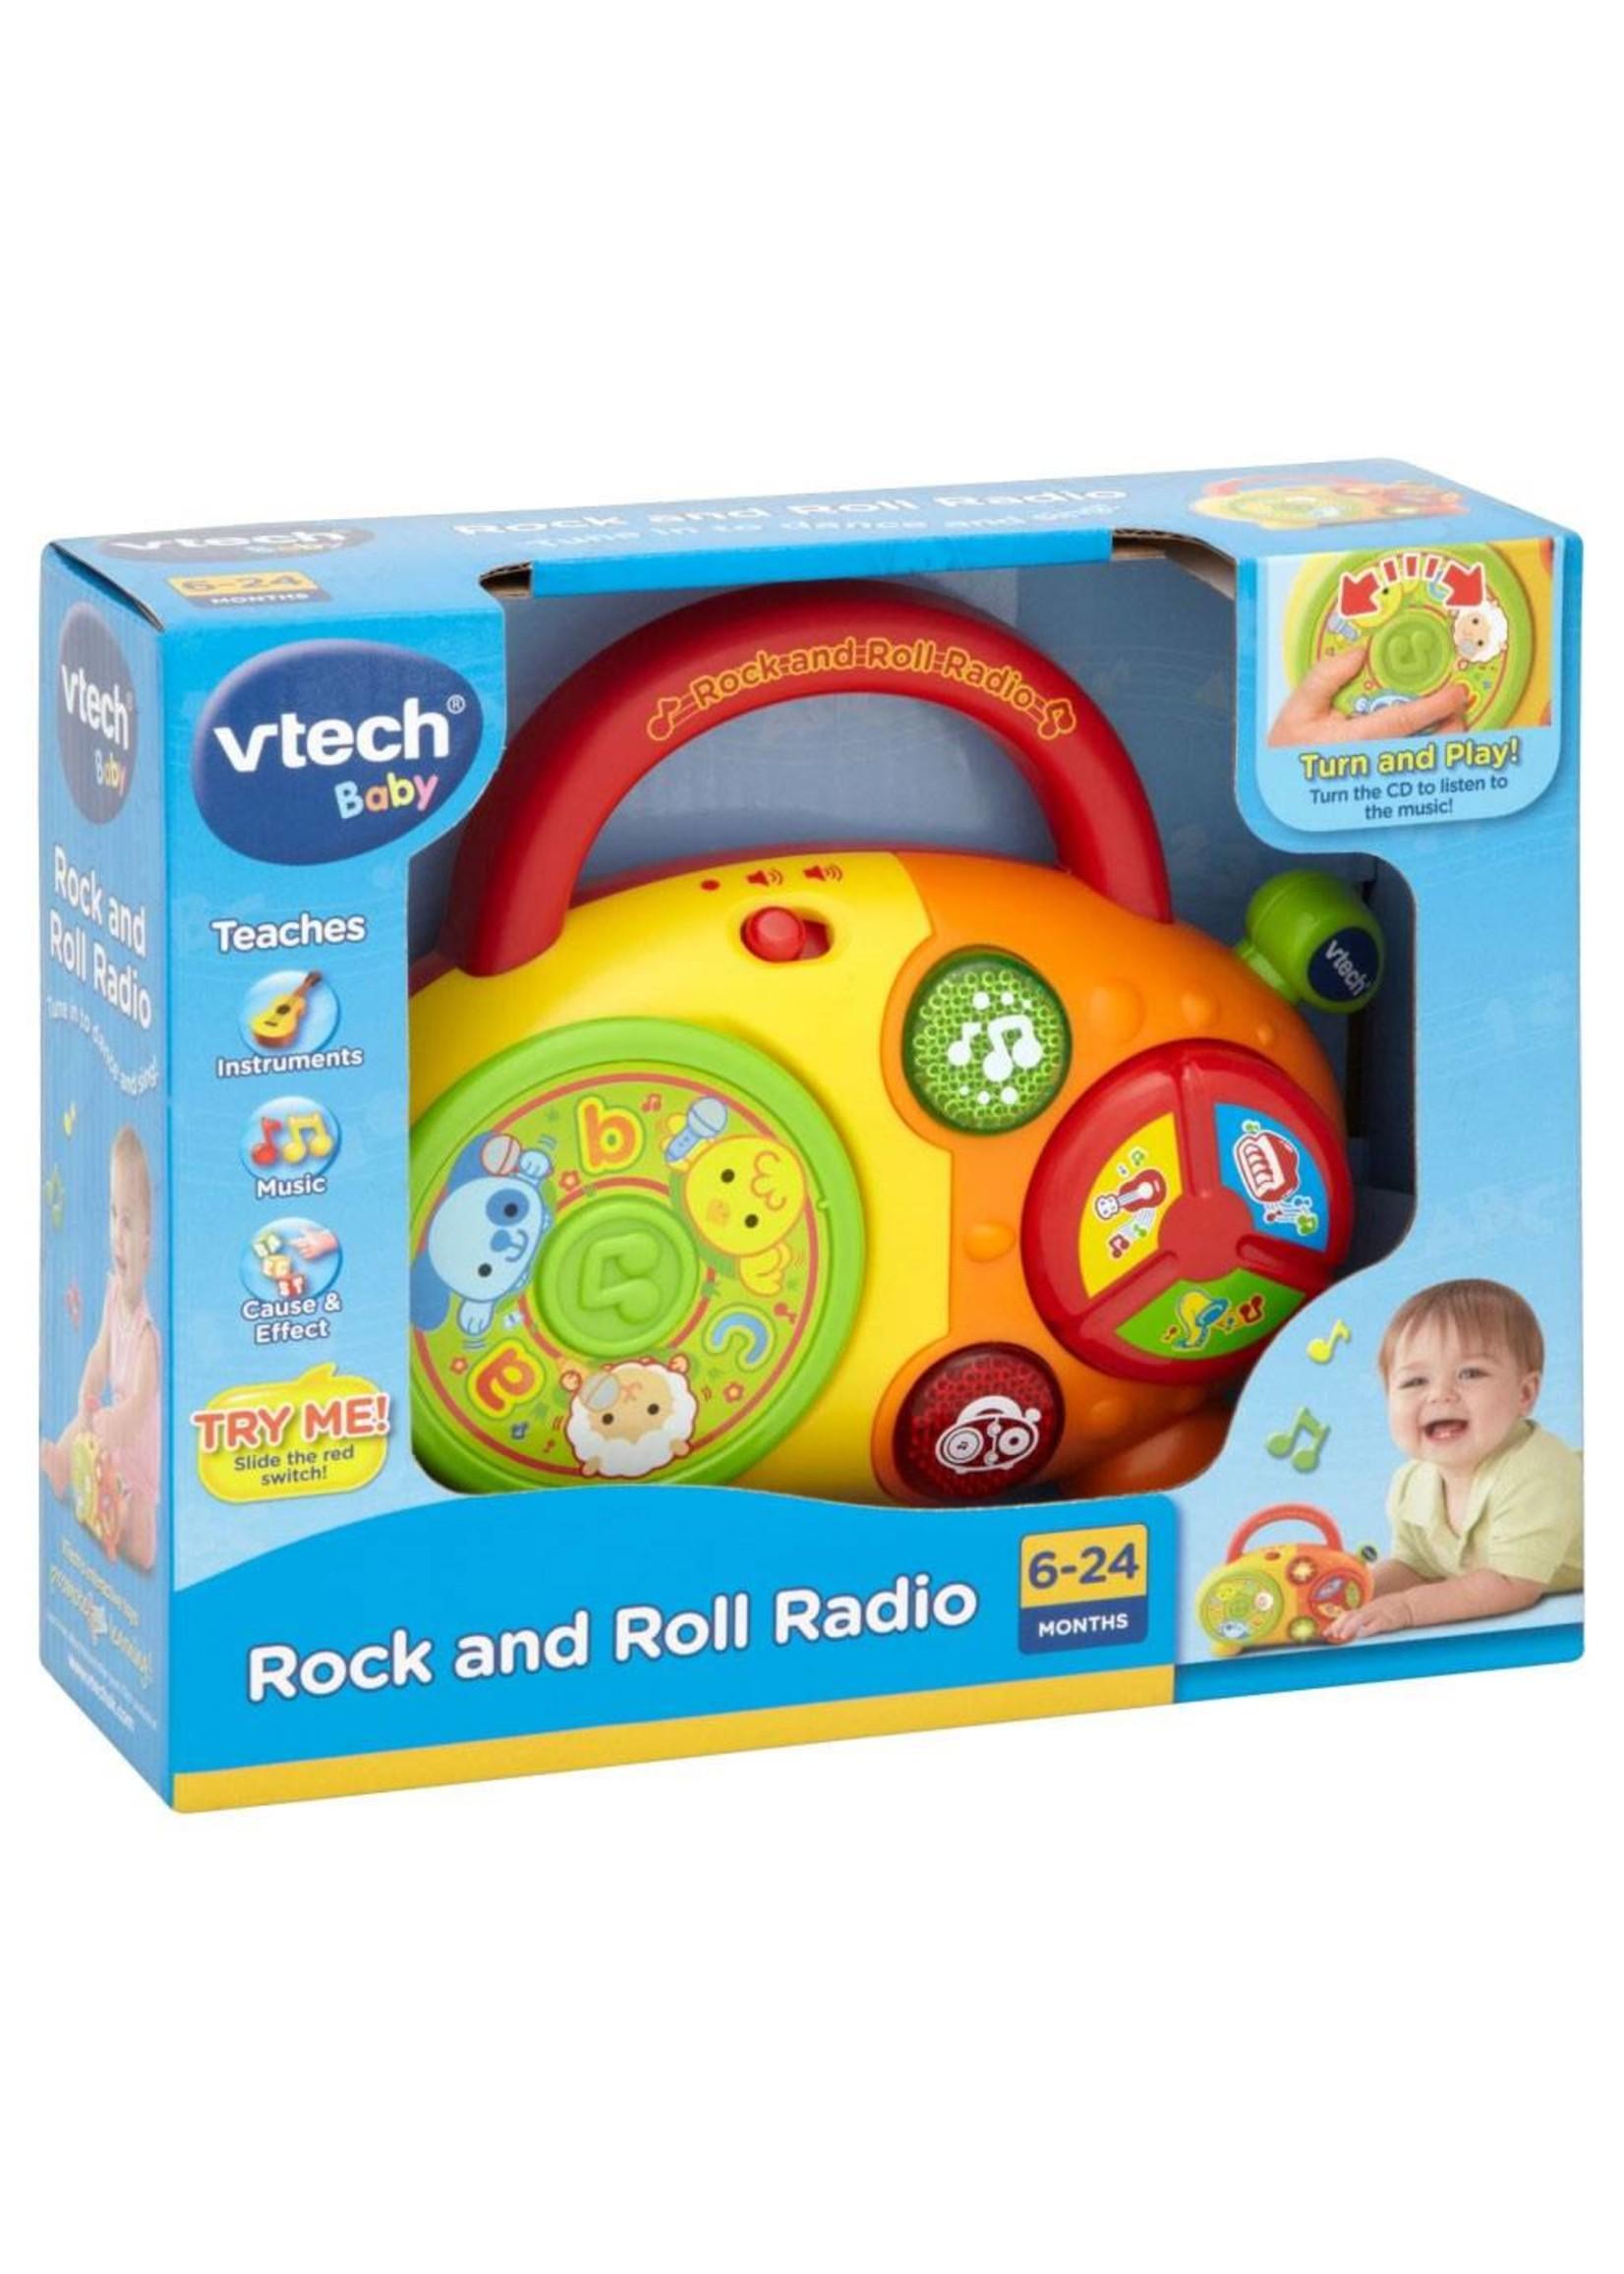 Vtech Baby cd speler 6-24m